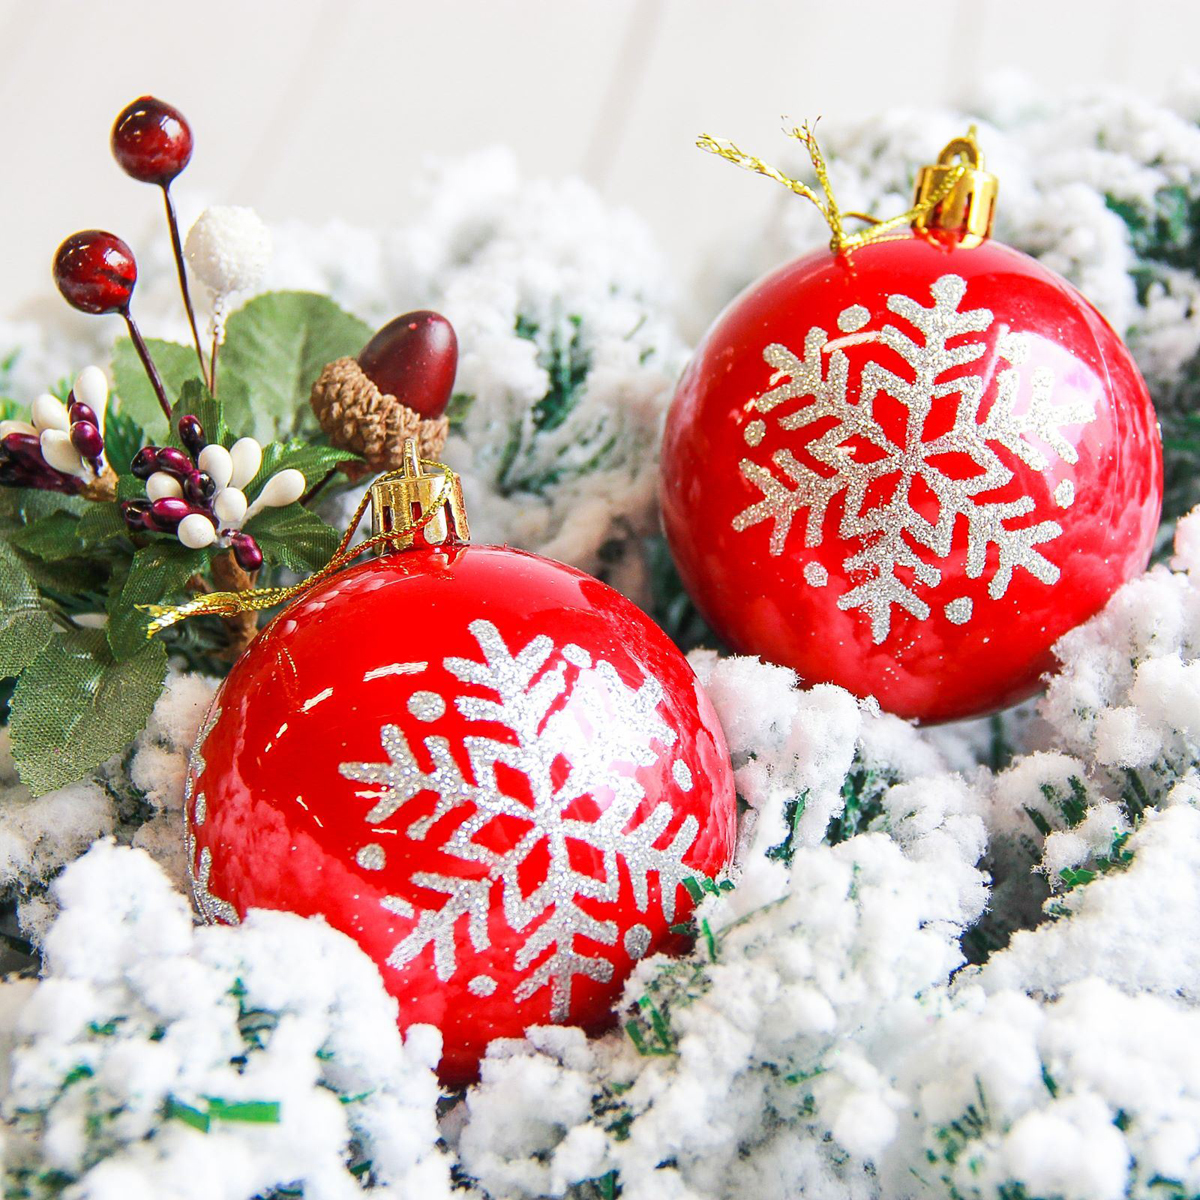 Набор новогодних подвесных украшений Sima-land Снежинка. Капель, цвет: красный, диаметр 7 см, 6 шт2178207Набор новогодних подвесных украшений Sima-land отлично подойдет для декорации вашего дома и новогодней ели. С помощью специальной петельки украшение можно повесить в любом понравившемся вам месте. Но, конечно, удачнее всего оно будет смотреться на праздничной елке. Елочная игрушка - символ Нового года. Она несет в себе волшебство и красоту праздника. Создайте в своем доме атмосферу веселья и радости, украшая новогоднюю елку нарядными игрушками, которые будут из года в год накапливать теплоту воспоминаний.